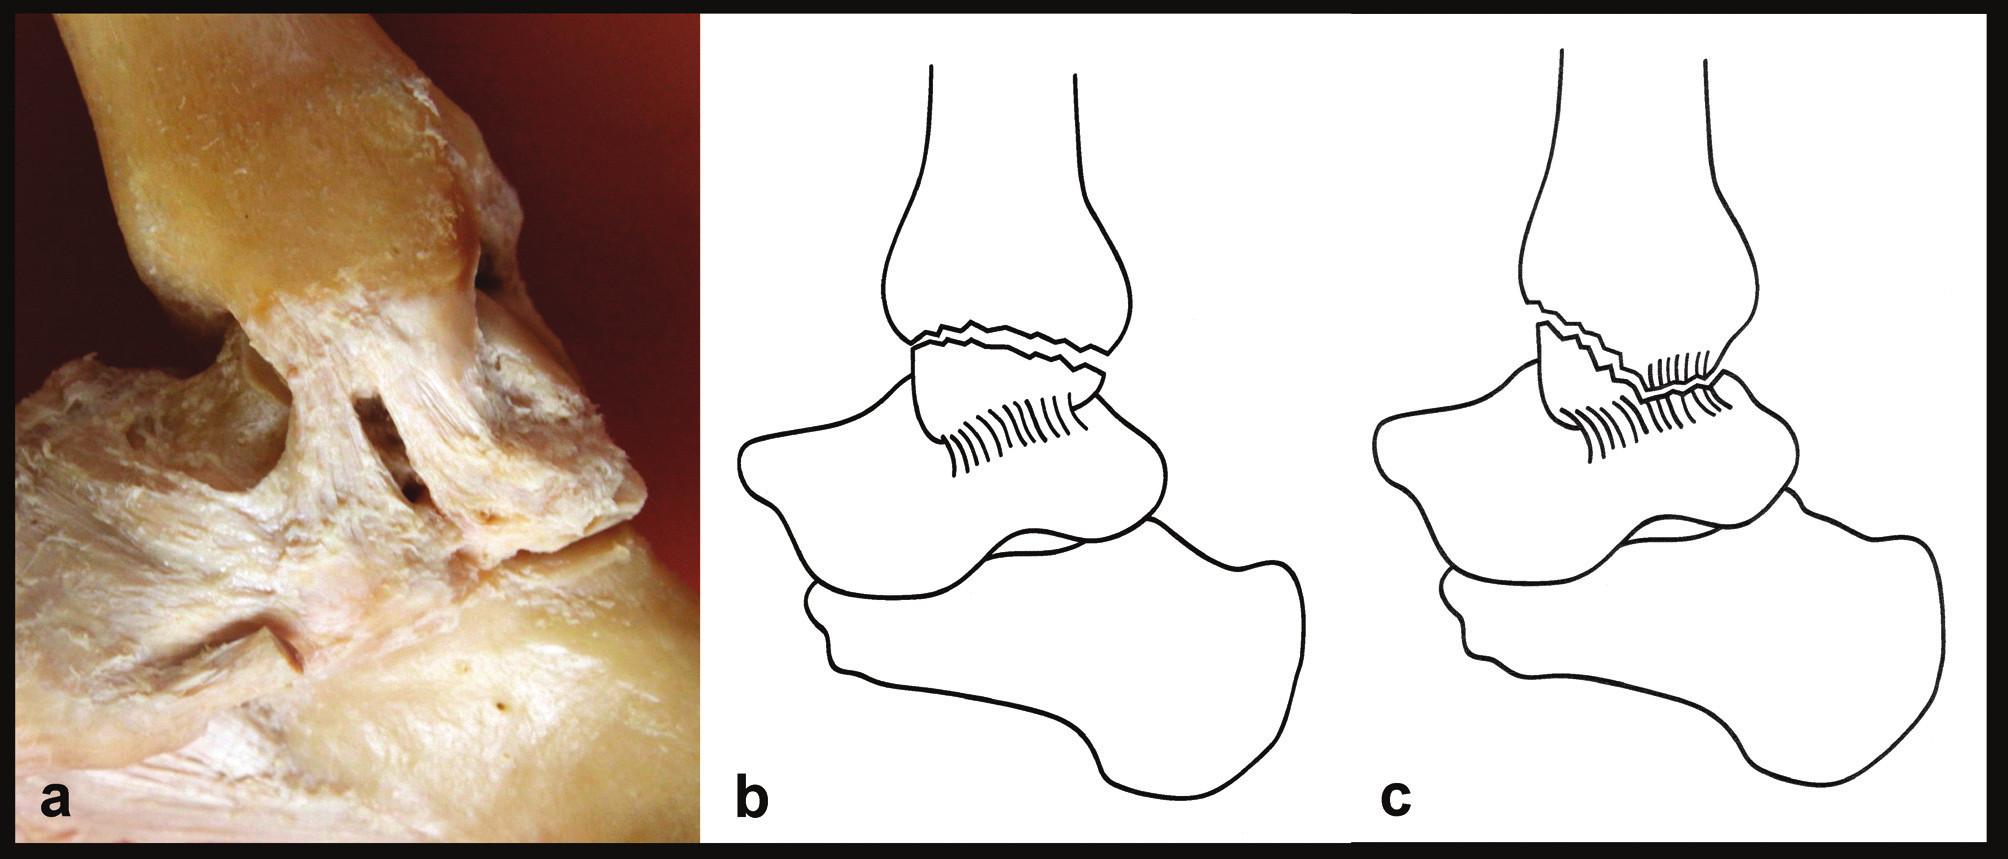 Rozdíl mezi zlomeninou vnitřního kotníku a kombinovaným osteo-ligamentózním poraněním a – anatomie mediálních struktur, jsou patrné obě části deltového vazu, b – zlomenina vnitřního kotníku, deltový vaz je intaktní, c – kombinované osteo-ligamentózní poranění, je odlomen přední kolikulus a přetržena tibio-talární část deltového vazu. Na volně adaptovaných Tornettových schématech [15] se pro zjednodušení upíná deltový vaz pouze na talus, což neodpovídá realitě.